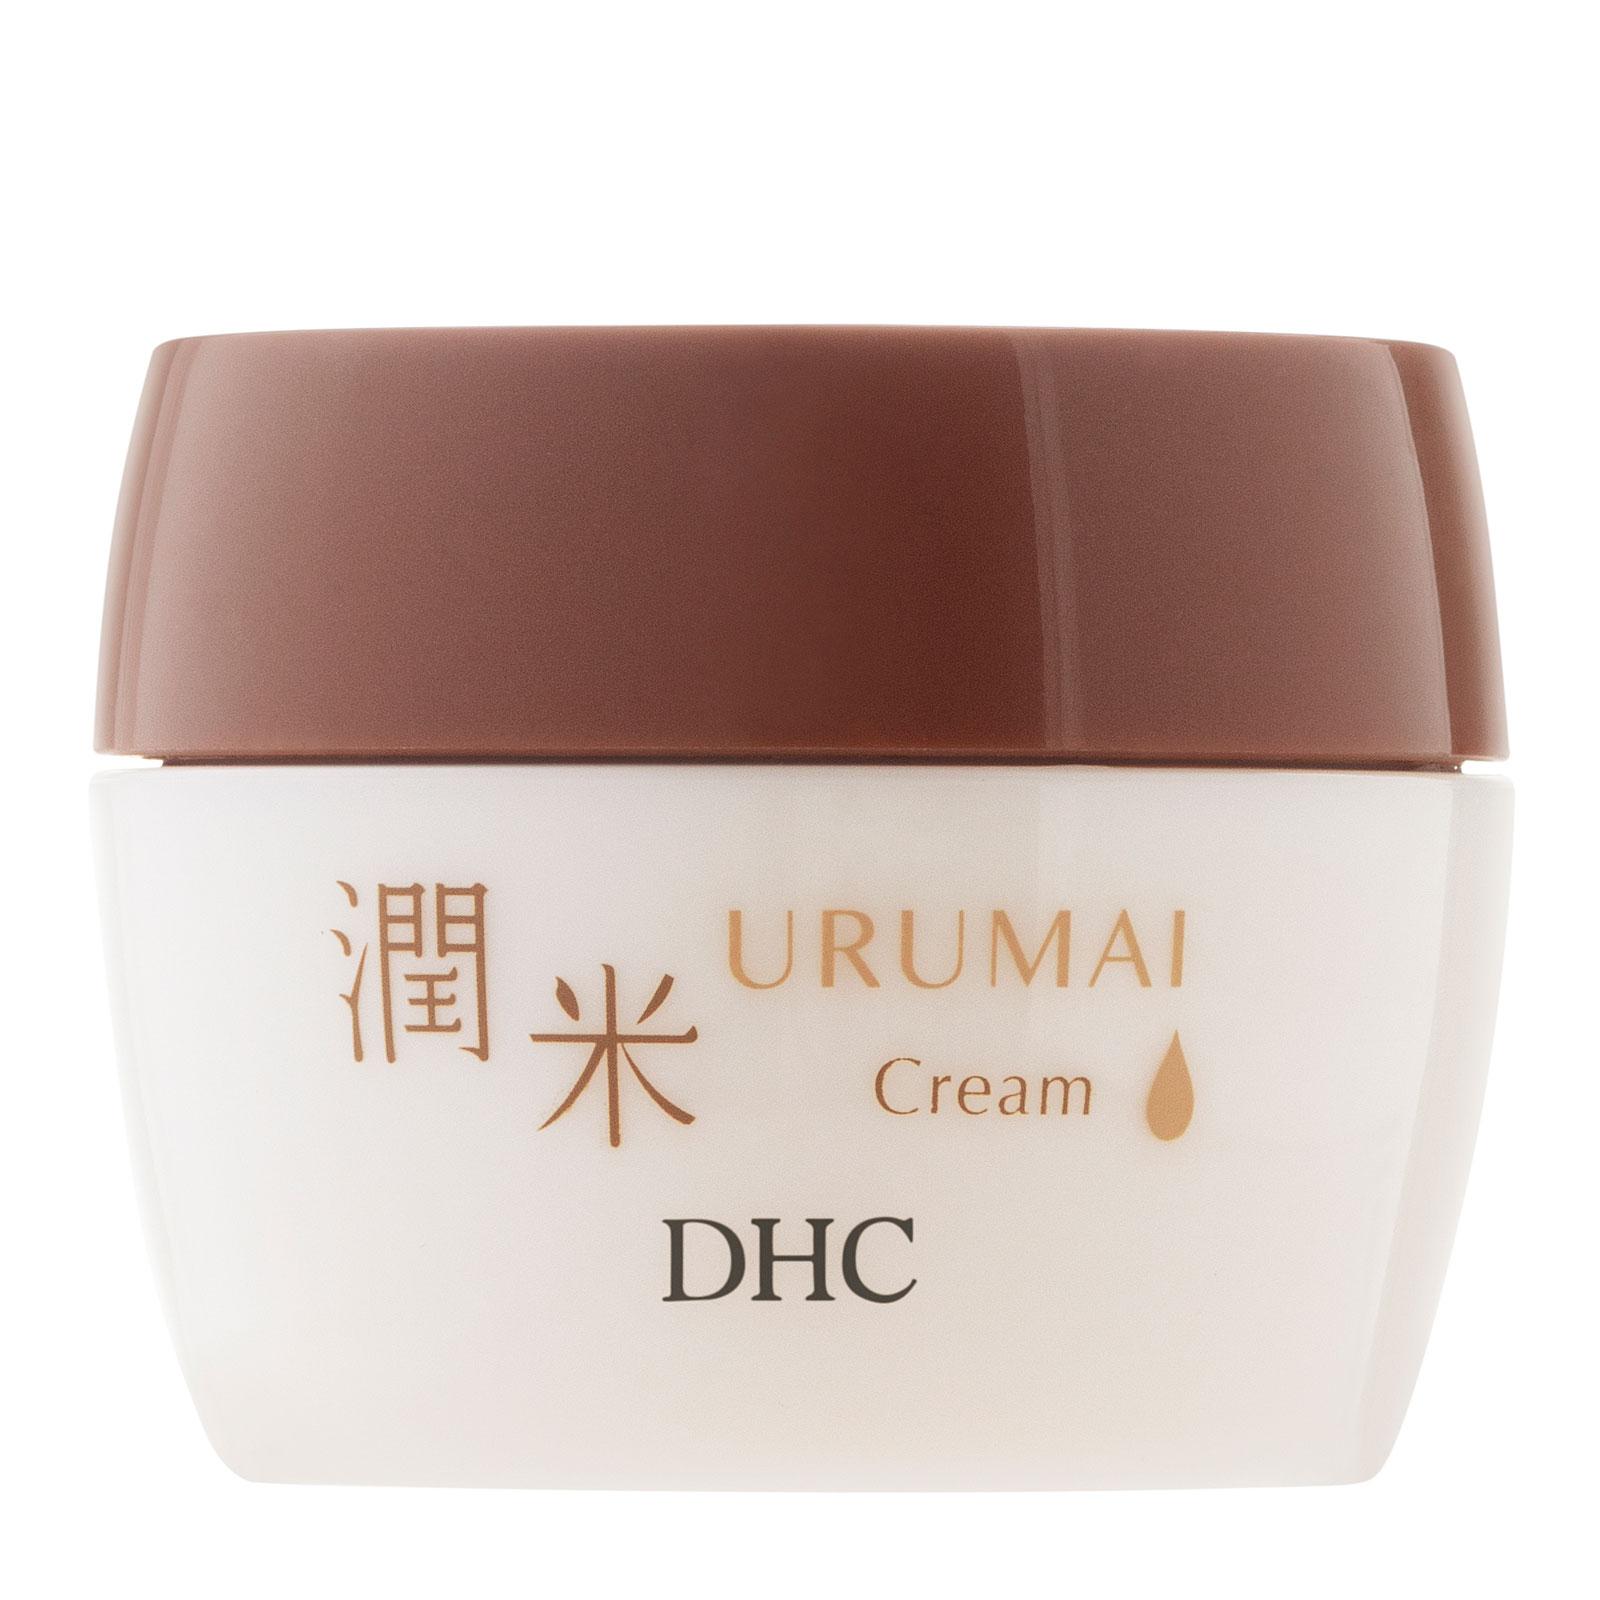 DHC 润米天然发酵大米精华保湿霜 48g